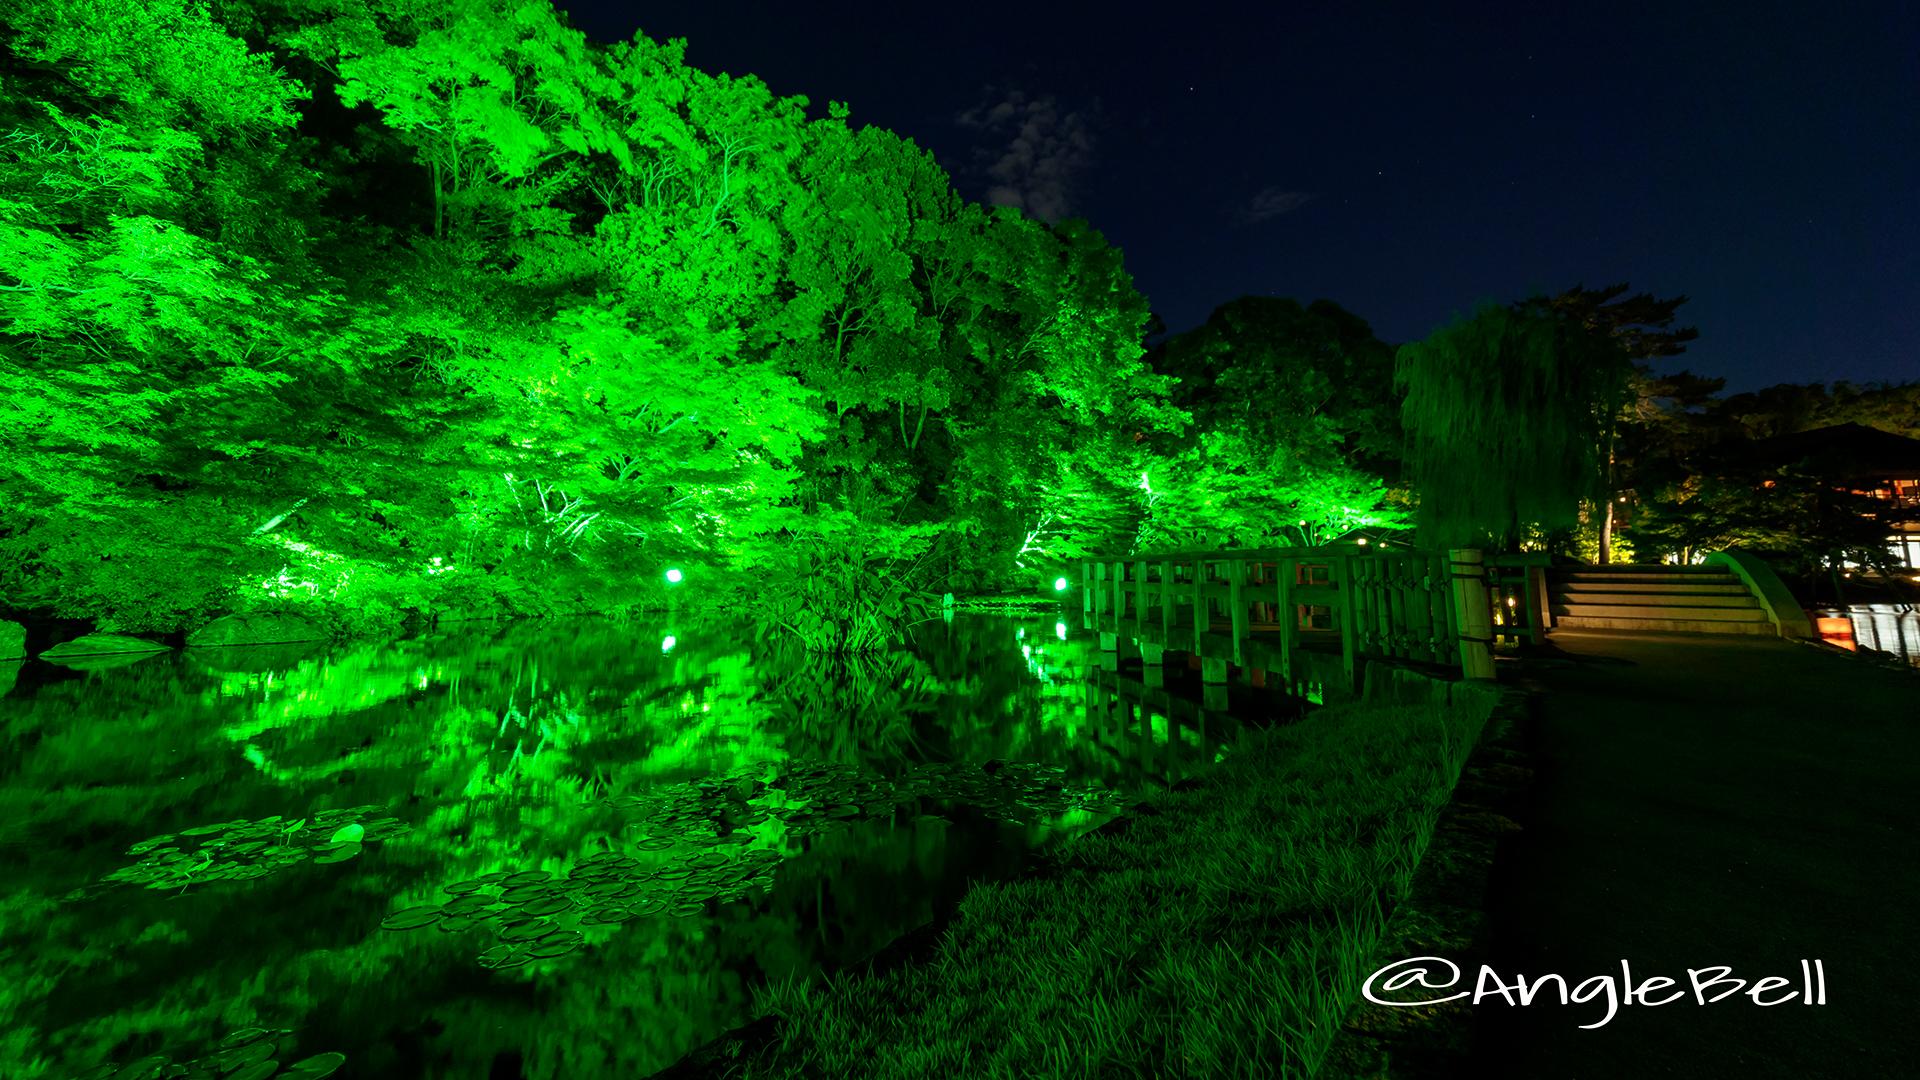 夕べを涼む 徳川園夜会 西湖堤 ライトアップ2017